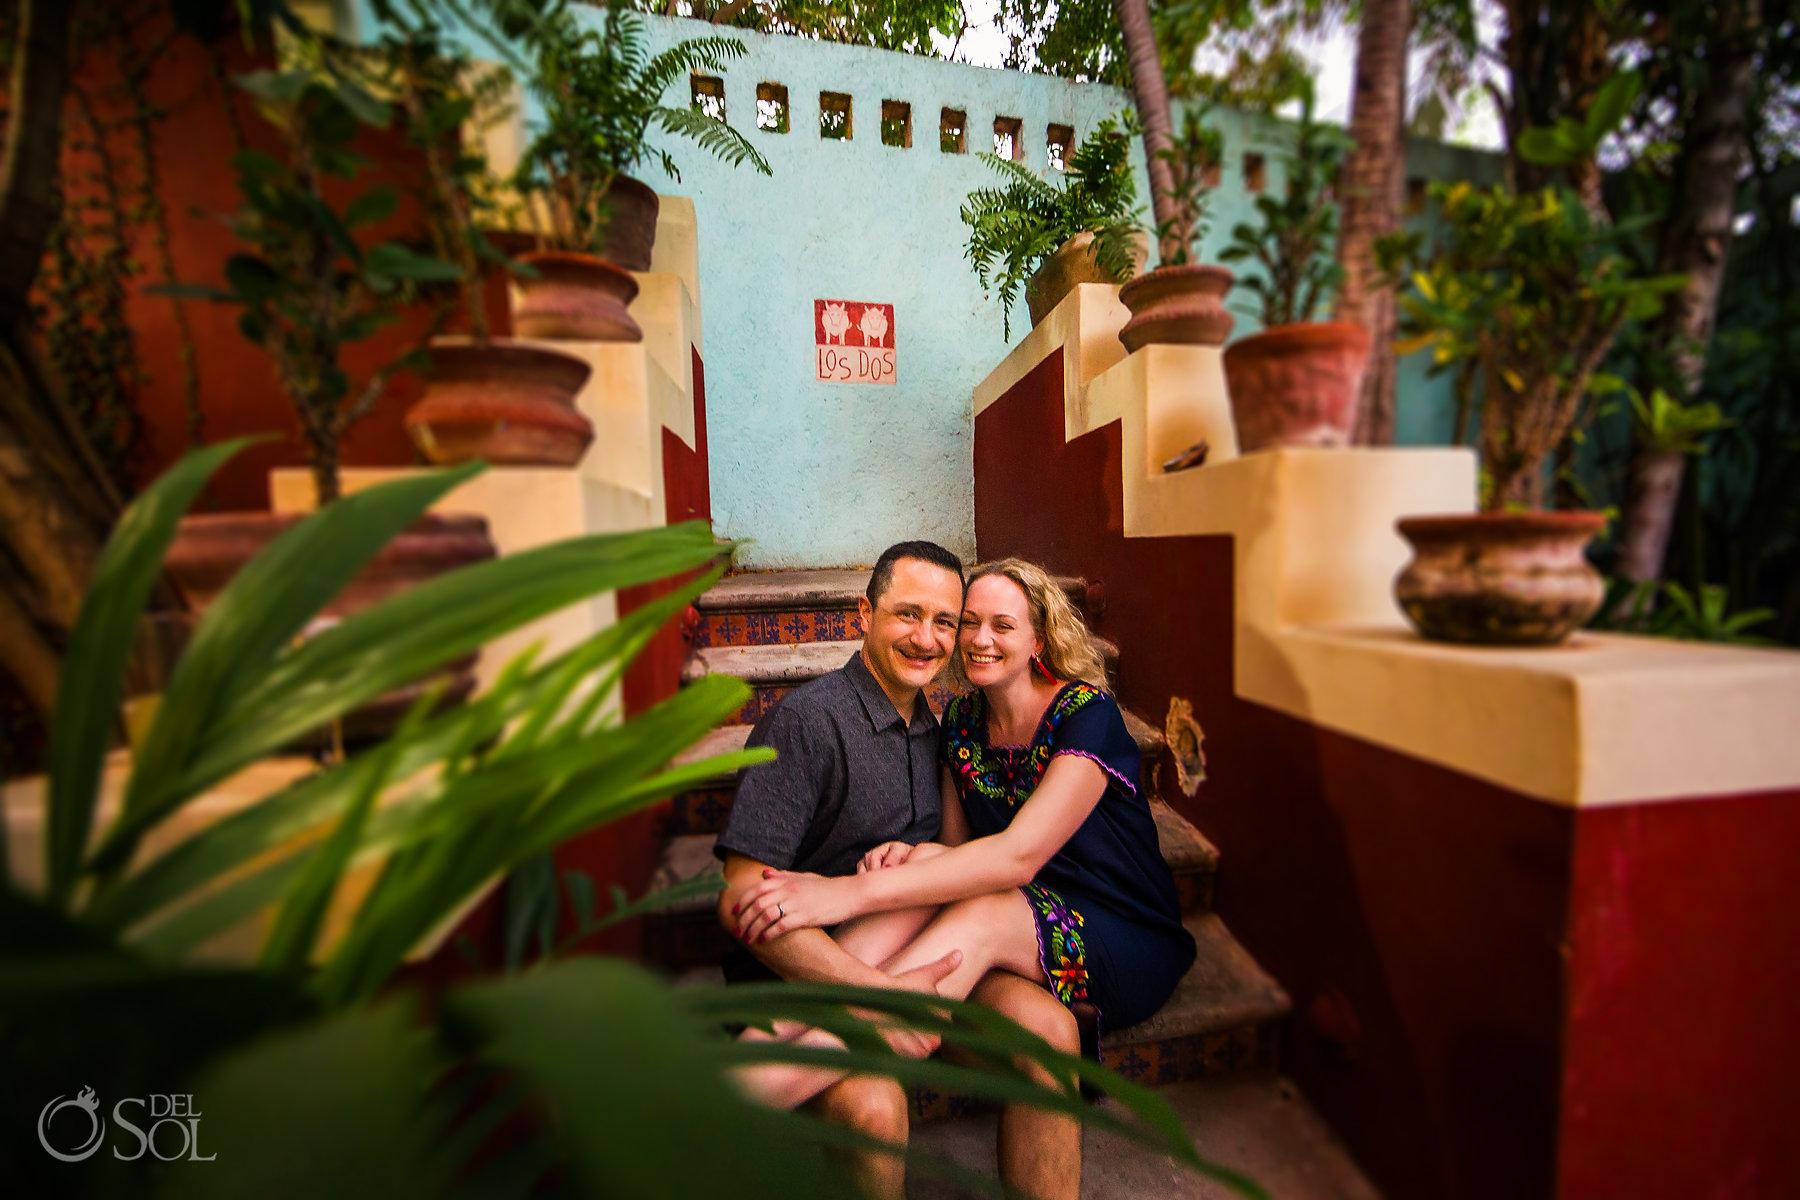 Los Dos cooking school birthday experiences ideas Yucatan Mexico